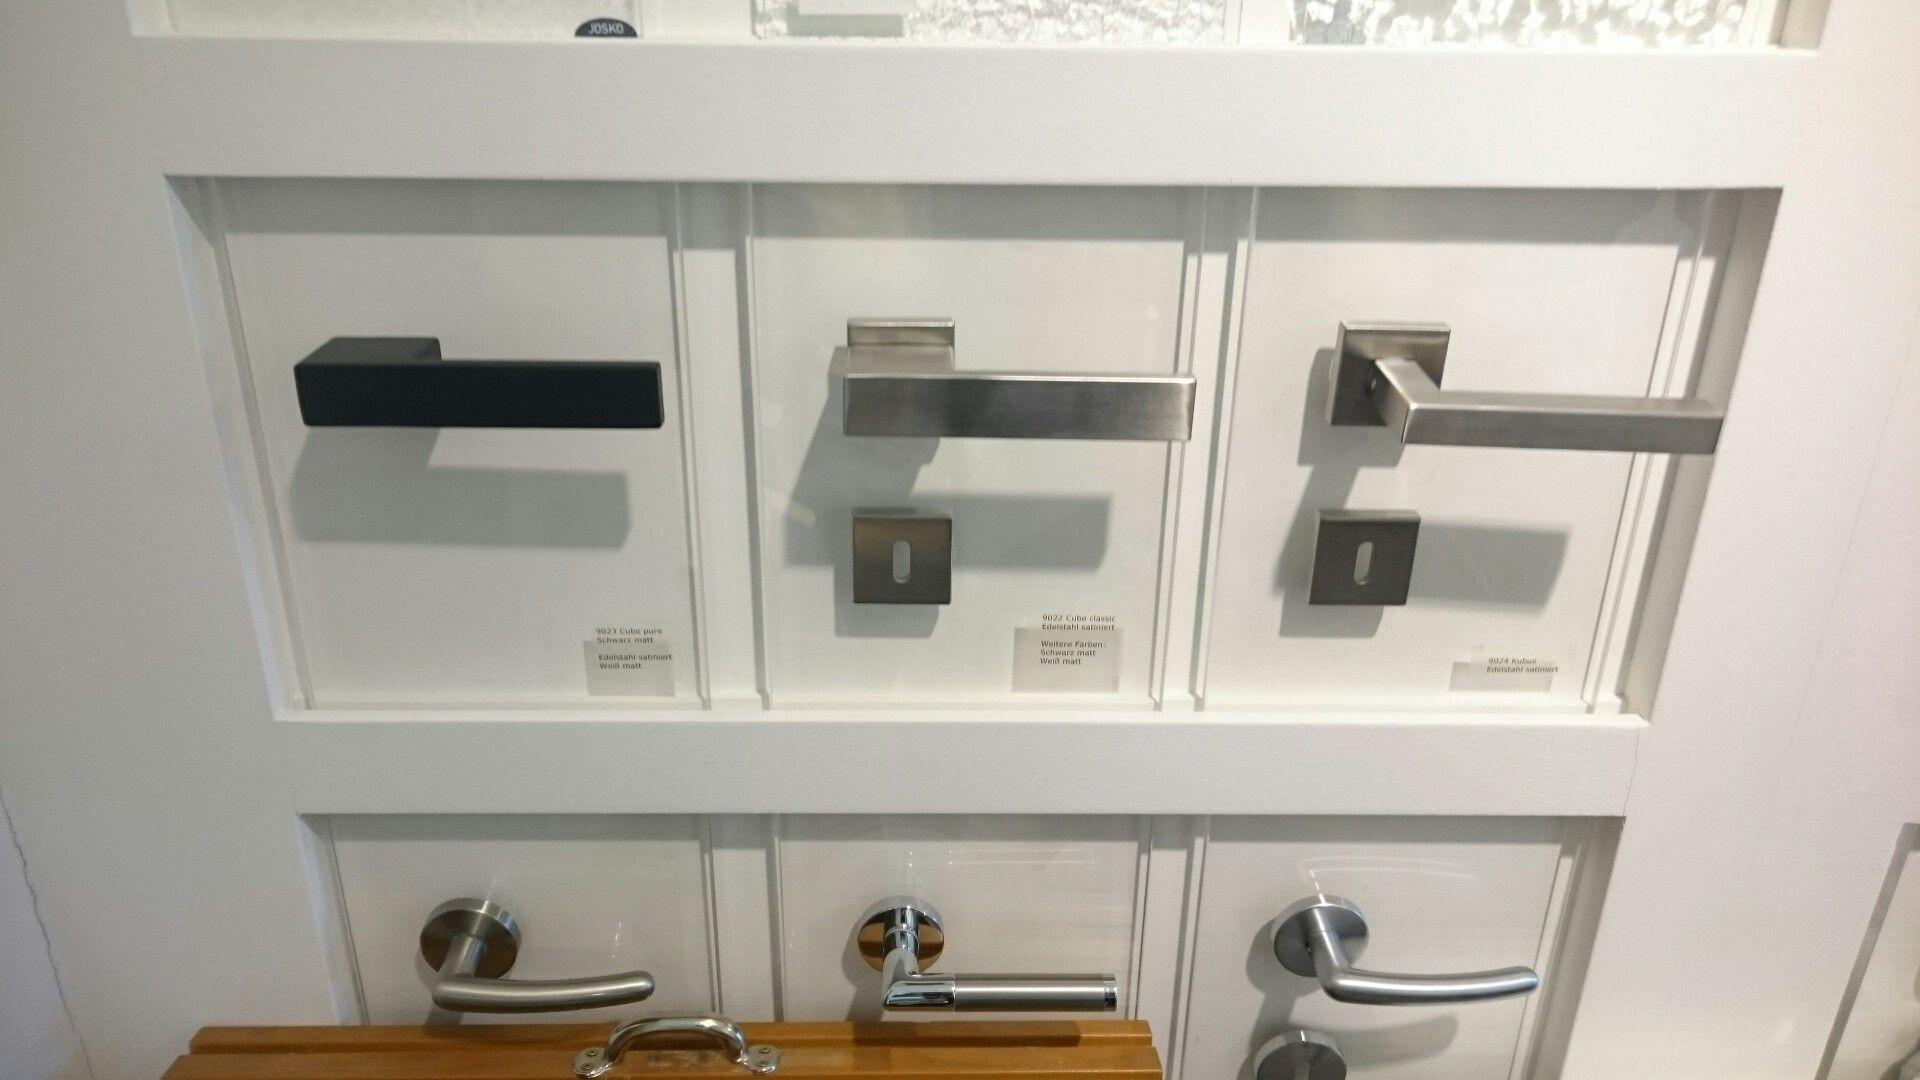 Ungewöhnlich Küchenspüle Preise Home Depot Bilder - Ideen Für Die ...